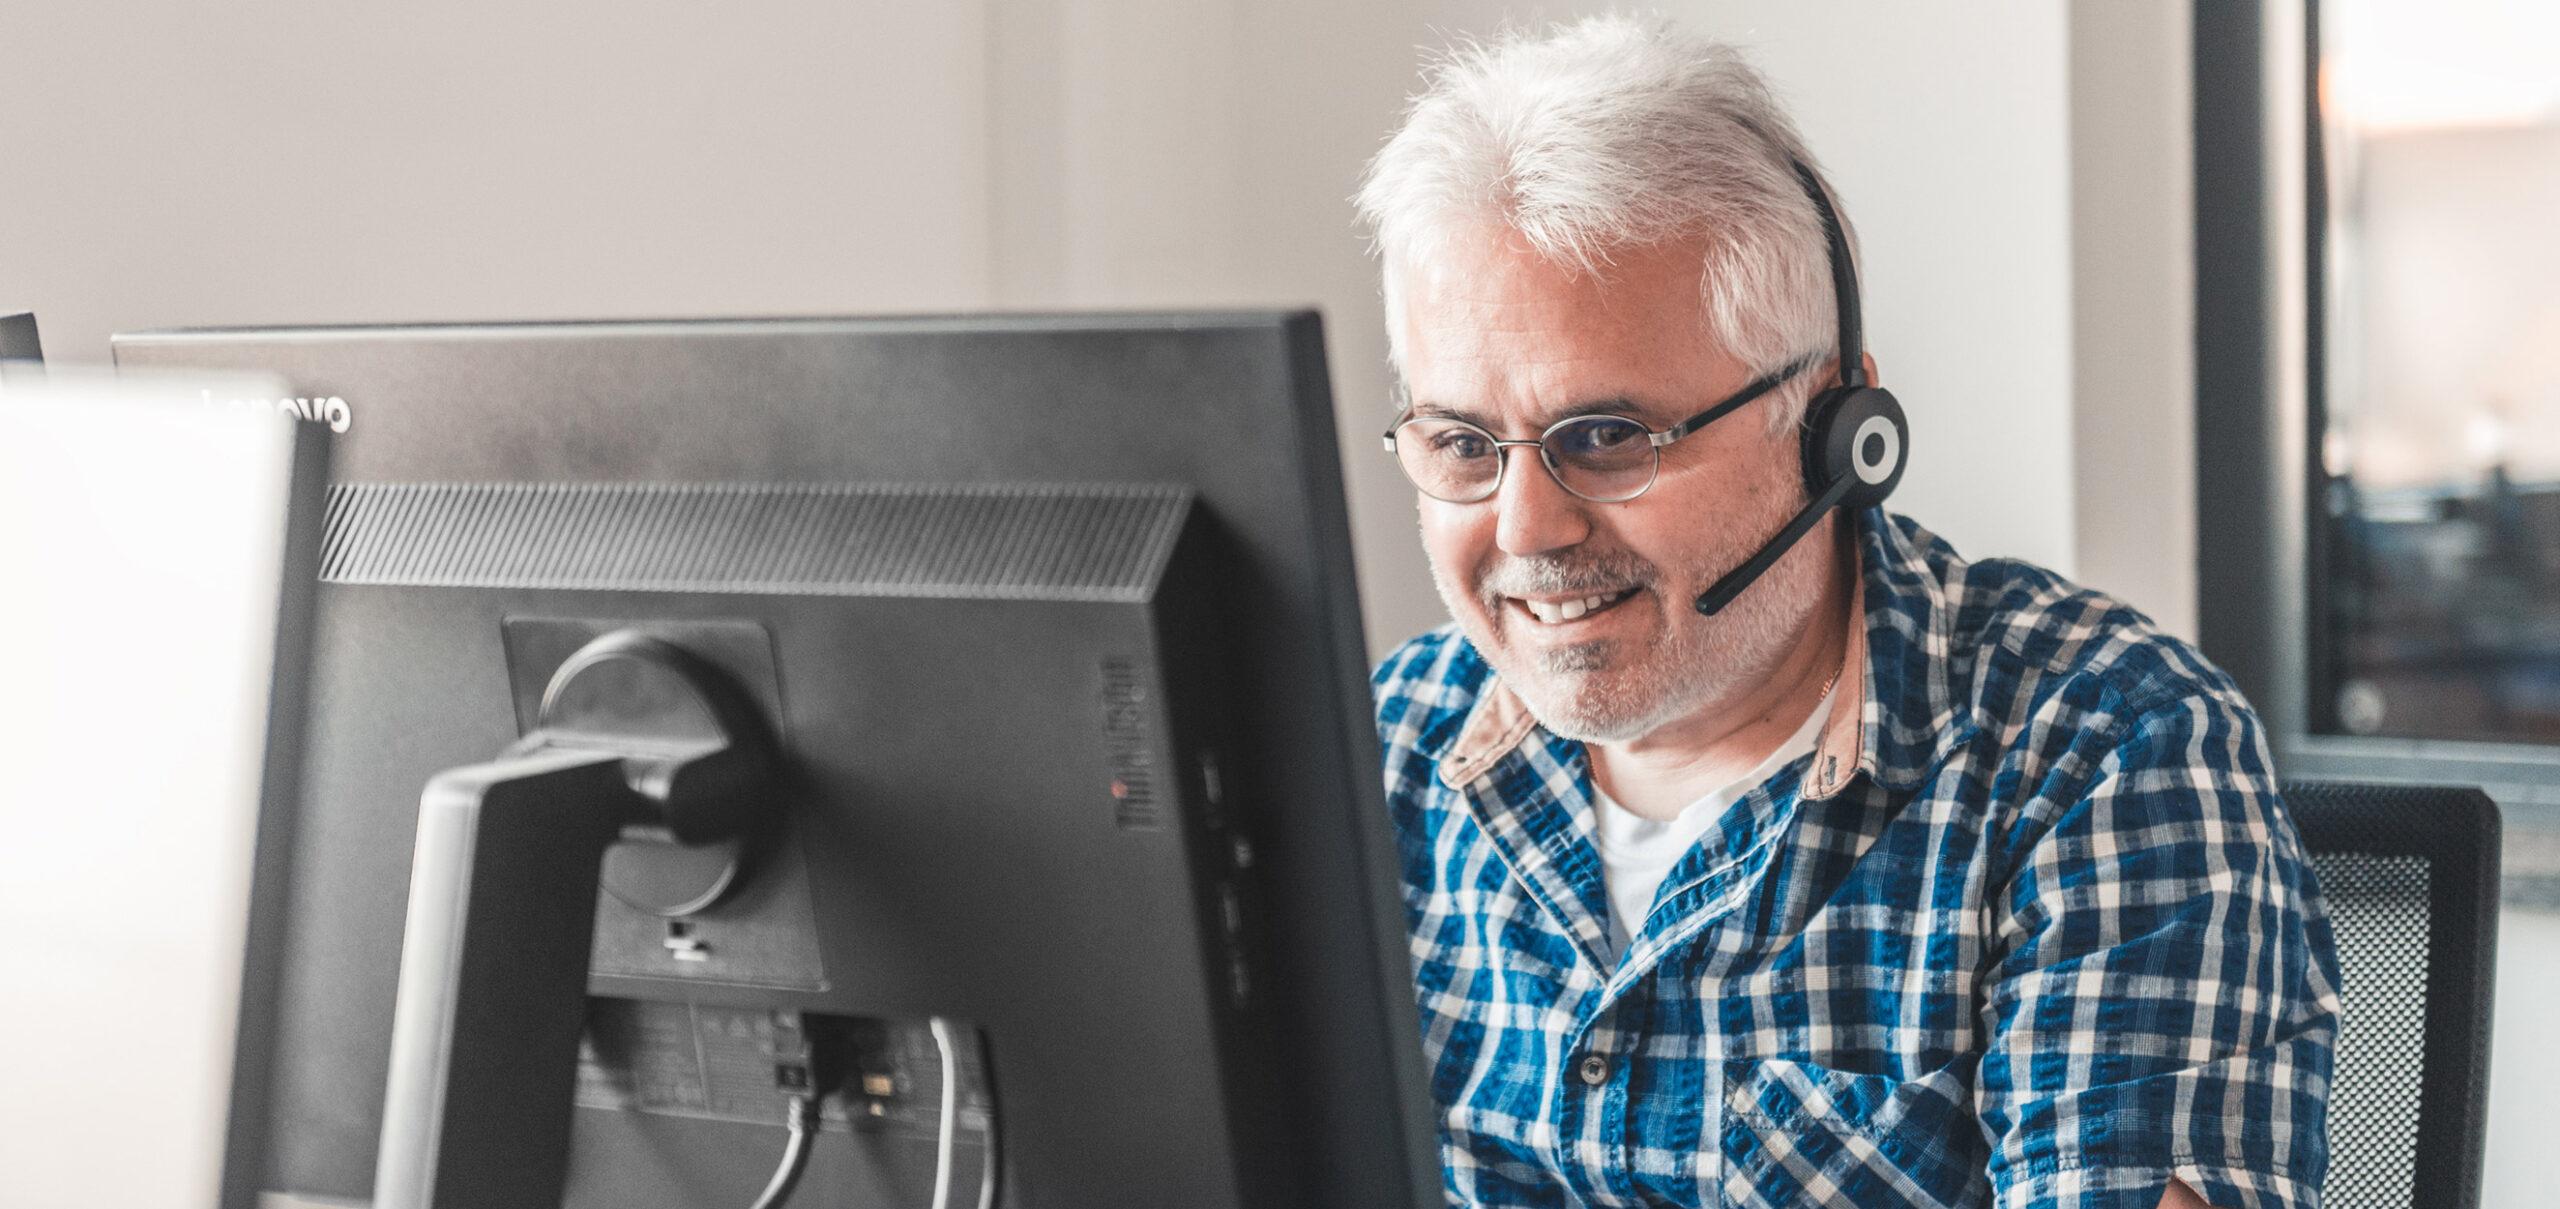 Mitarbeiter am PC mit Headset